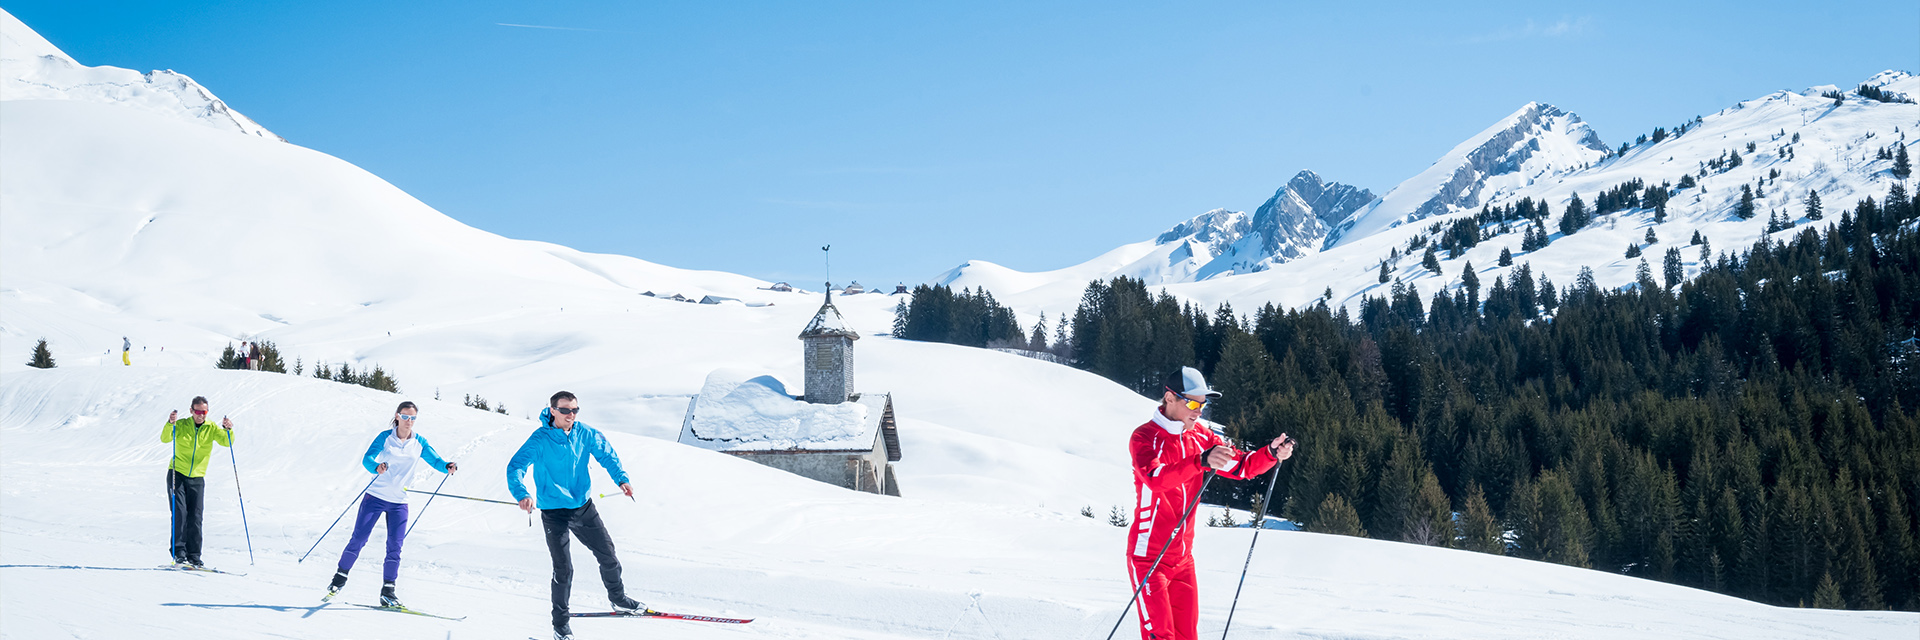 Village_club_vacances_haute-savoie_Auberge-Nordique-ski-hiver